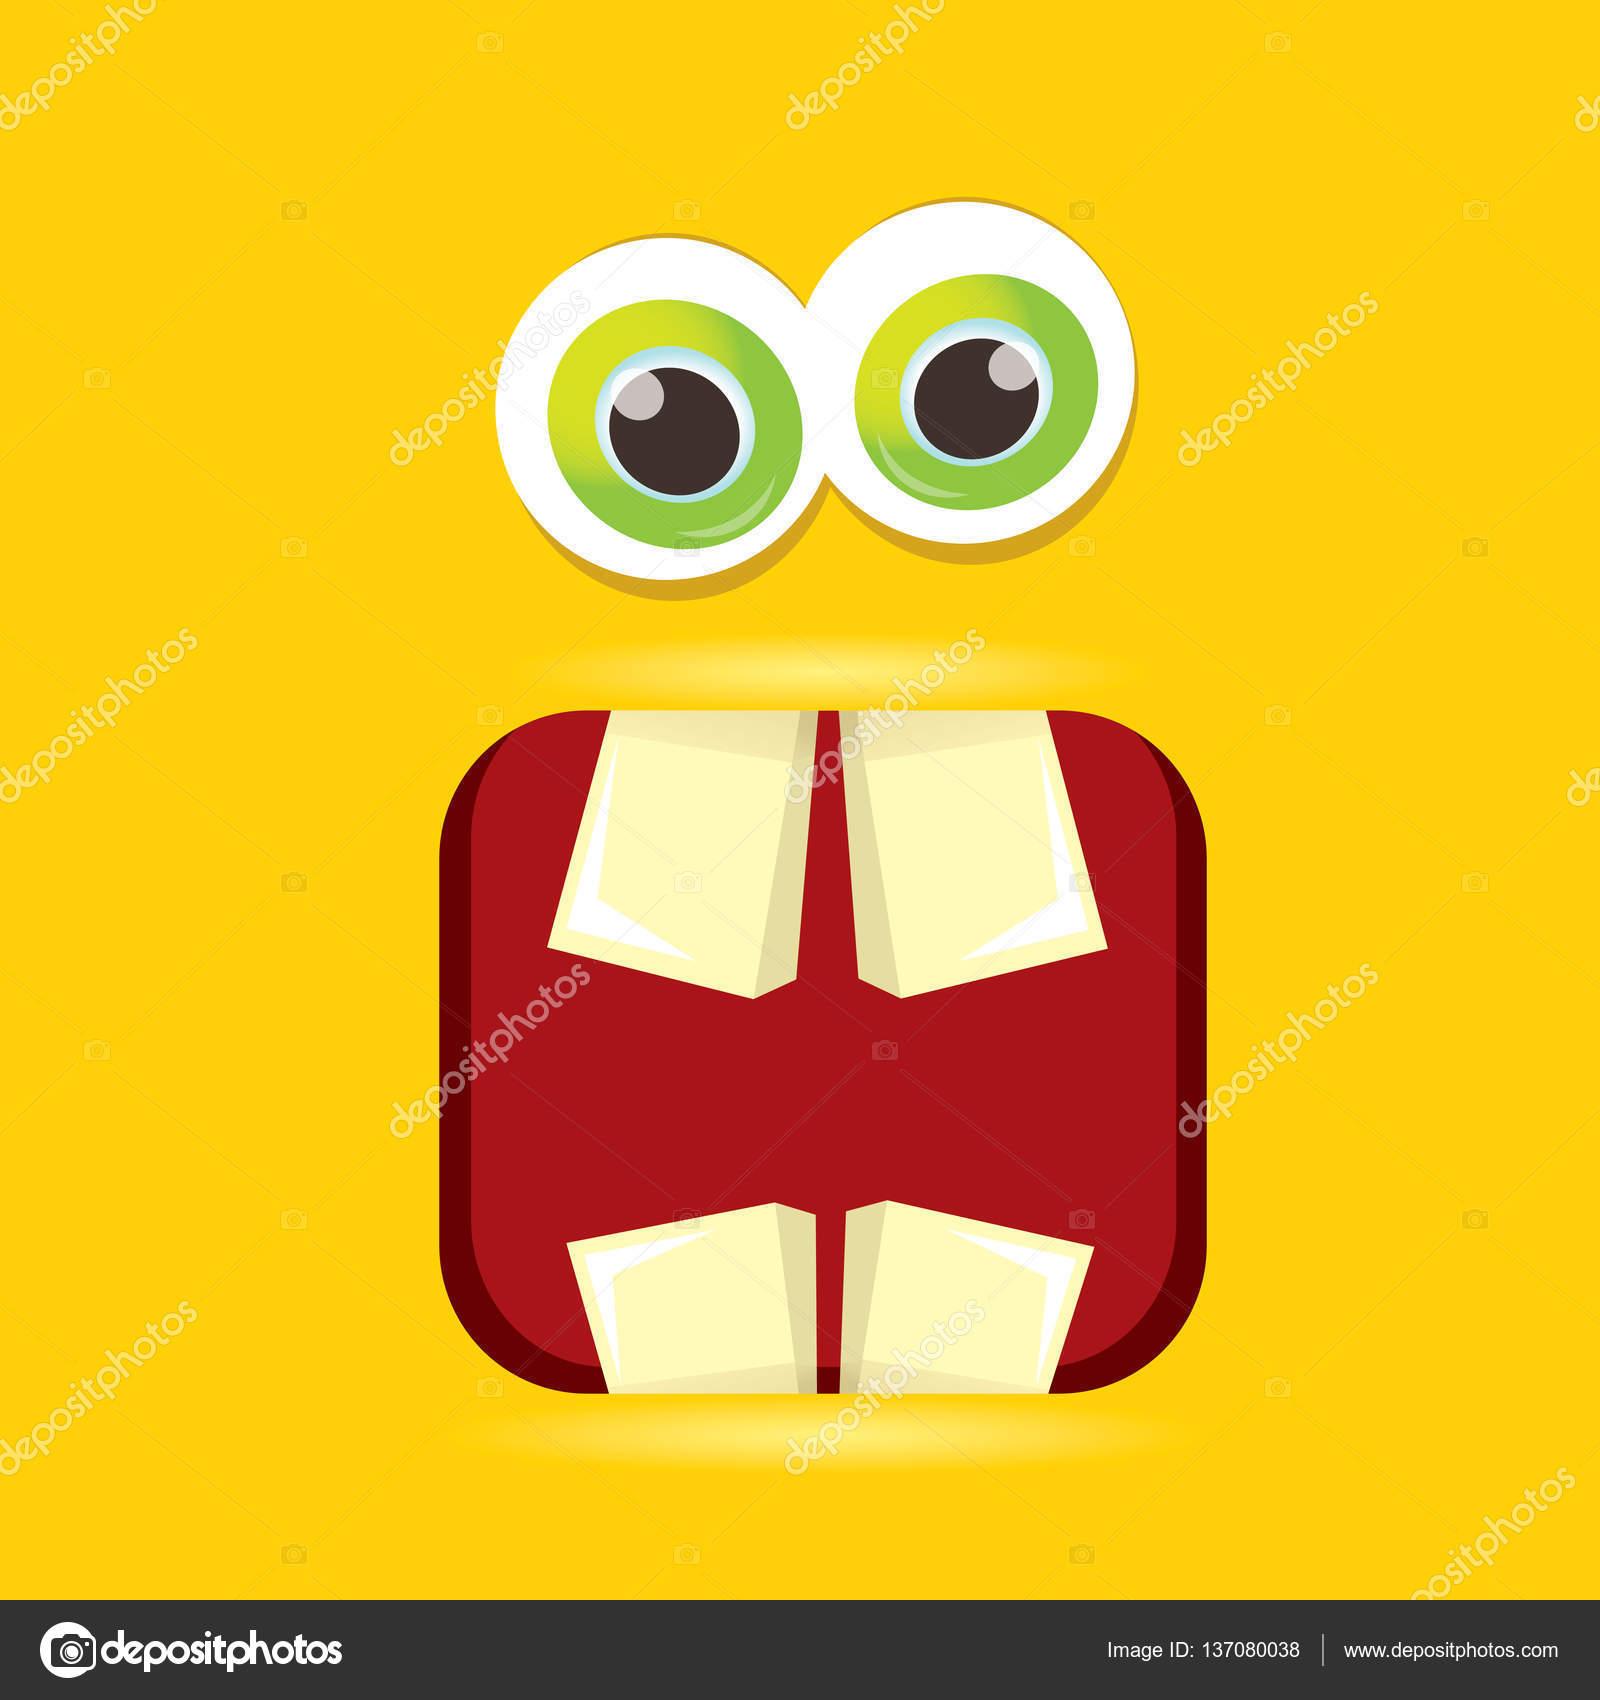 Vektor orange lustiges Monster Gesicht — Stockvektor © zm1ter #137080038